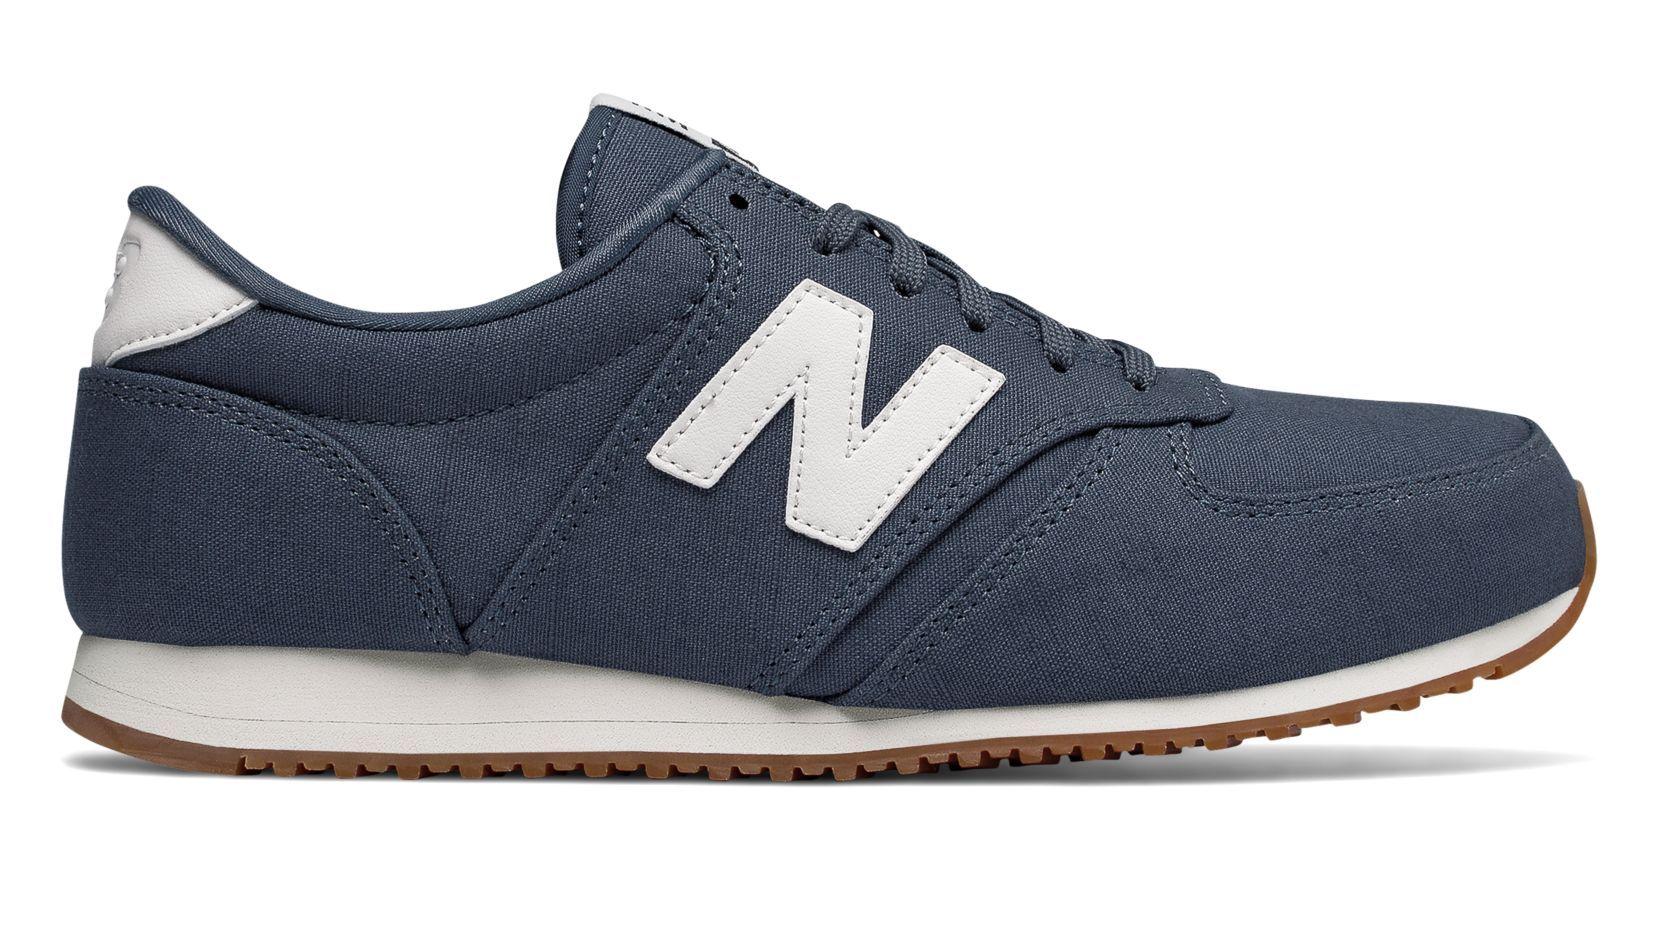 46a2f3c402d New Balance 420 70s Running